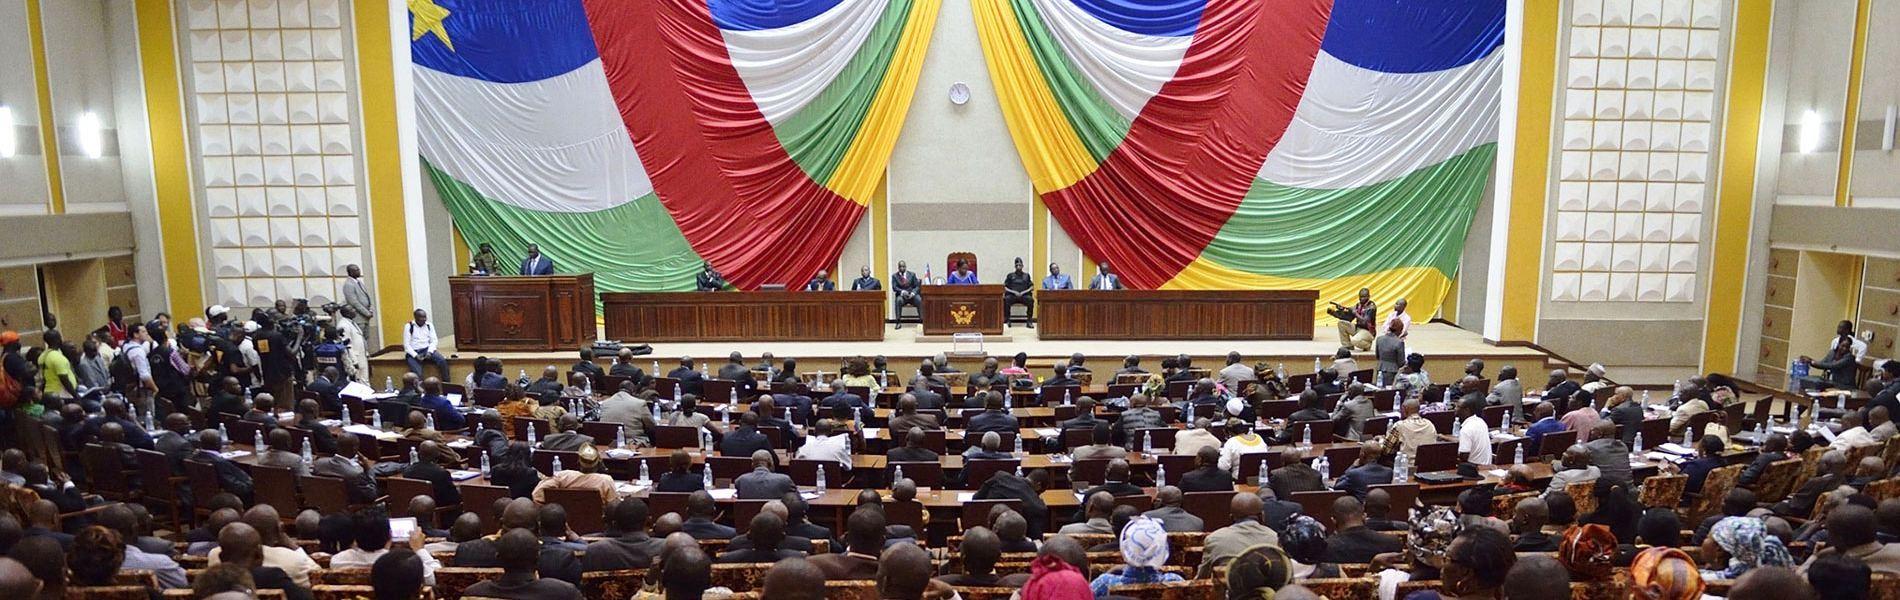 Centrafrique-parlement-Ndjoni-Sango